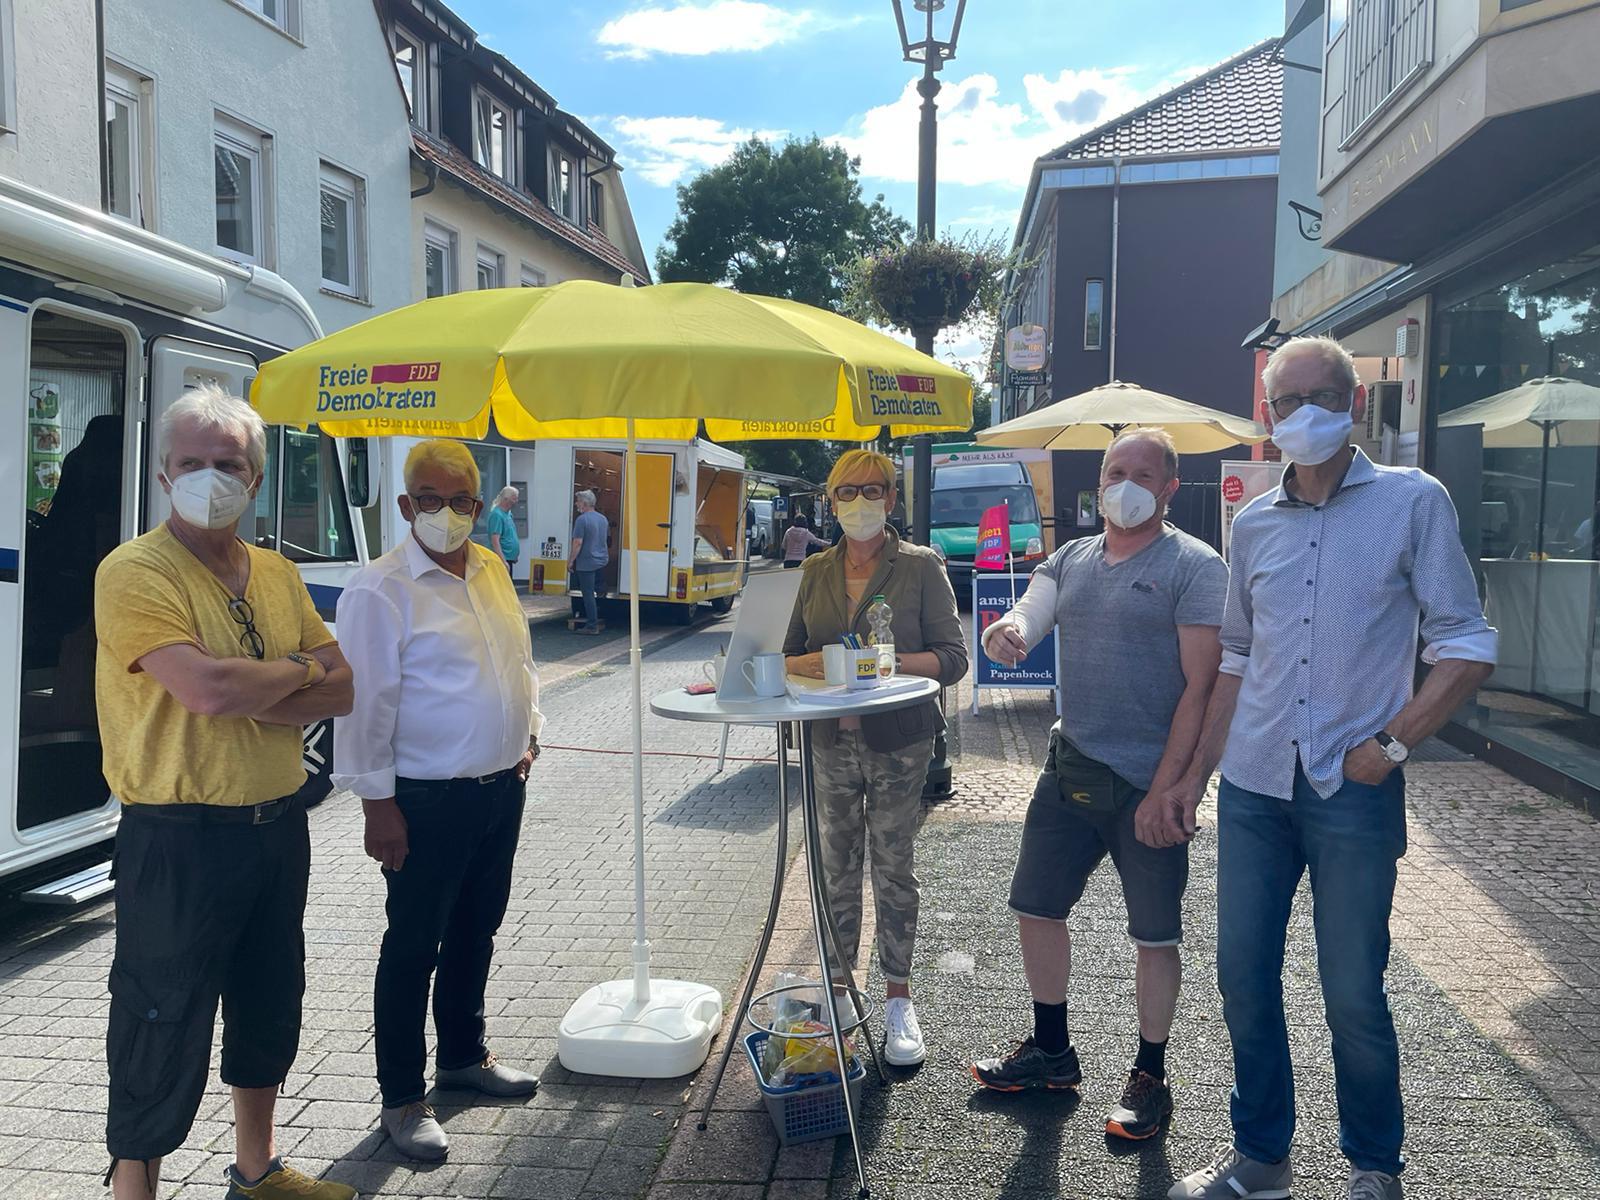 FDP Infostand mit Hans-Otto Petersmann auf dem Wochenmarkt